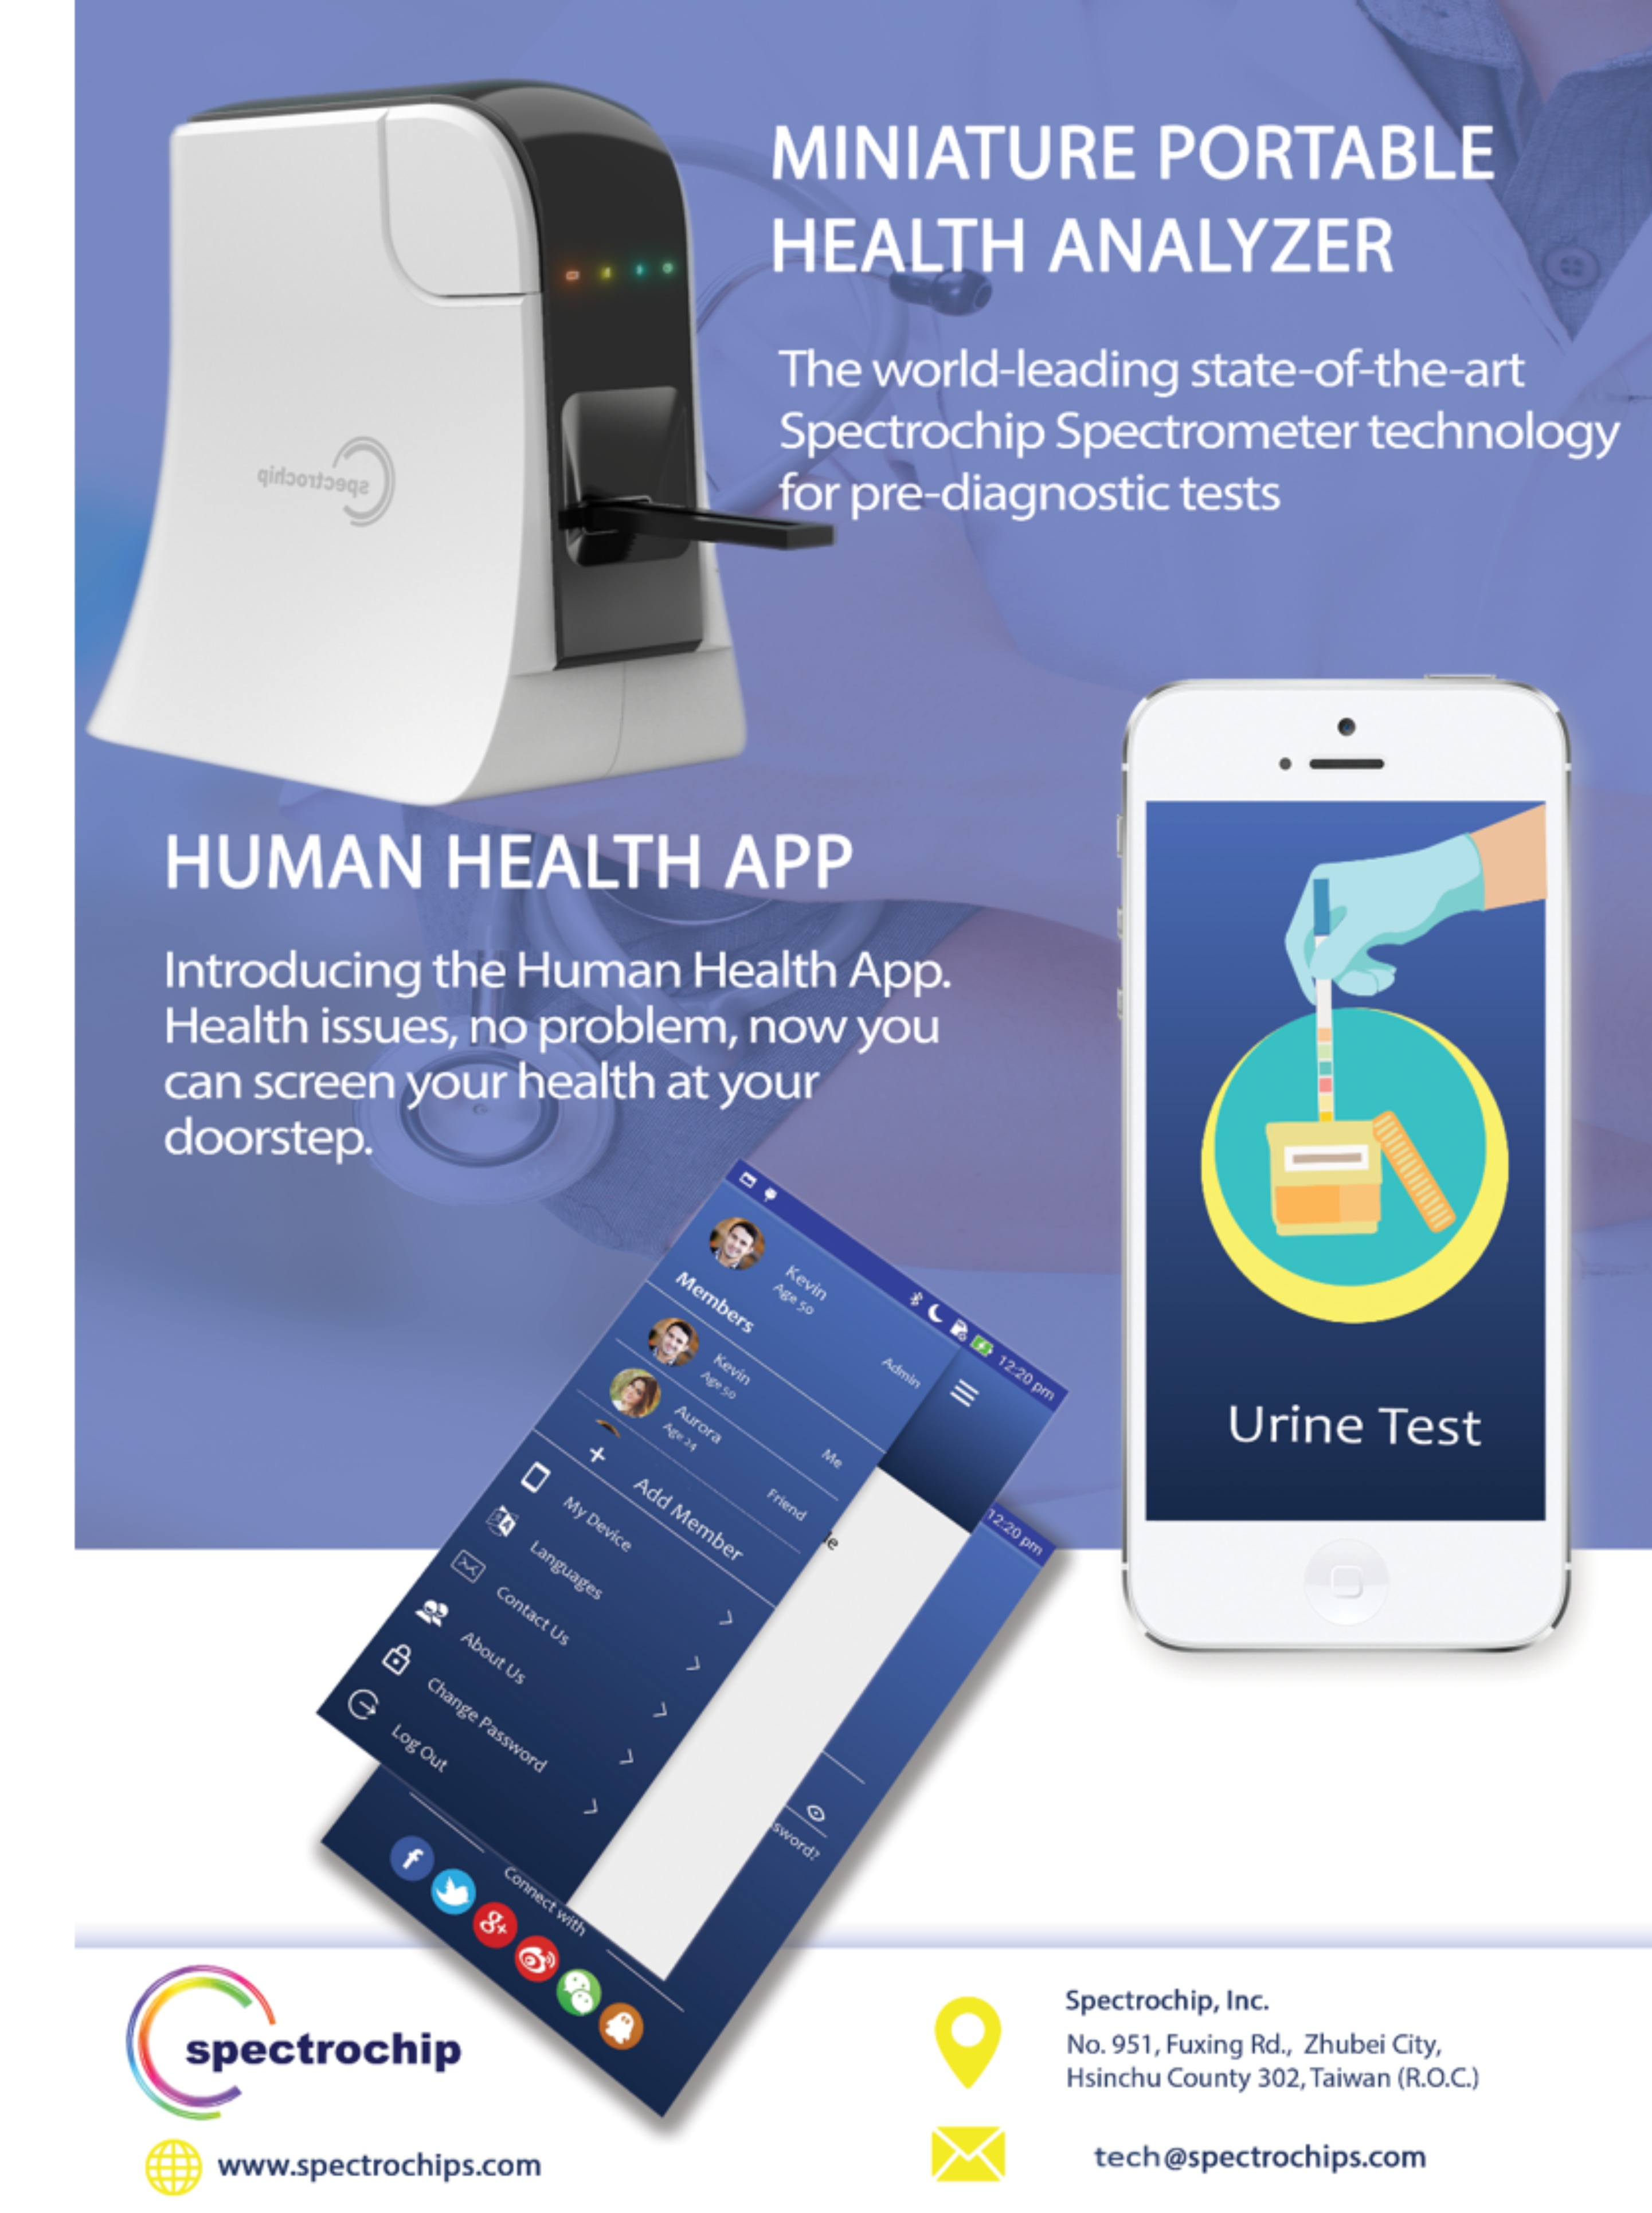 多功能微型光譜儀可使用APP連結智慧型手機達到個人健康管理的作用